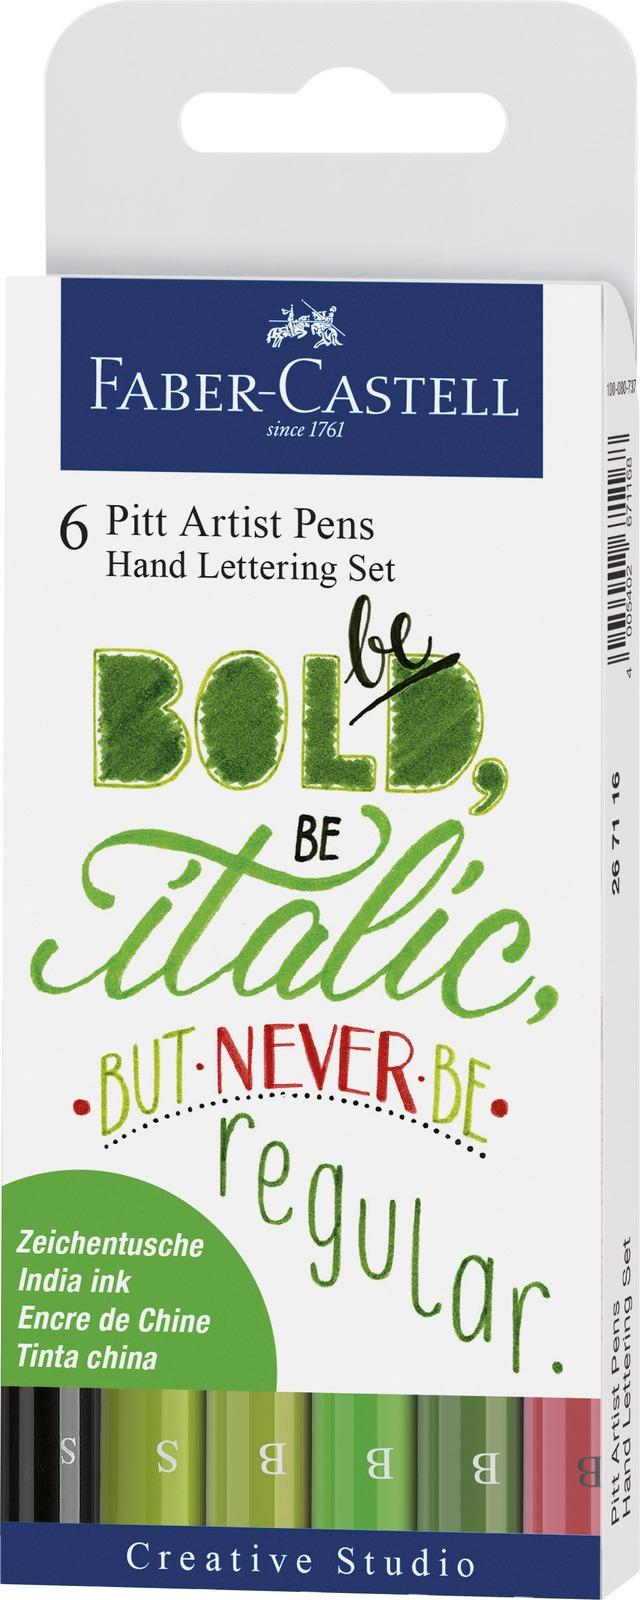 Faber-Castell: Pitt Artist Pens Hand Lettering Green (Set of 6) image